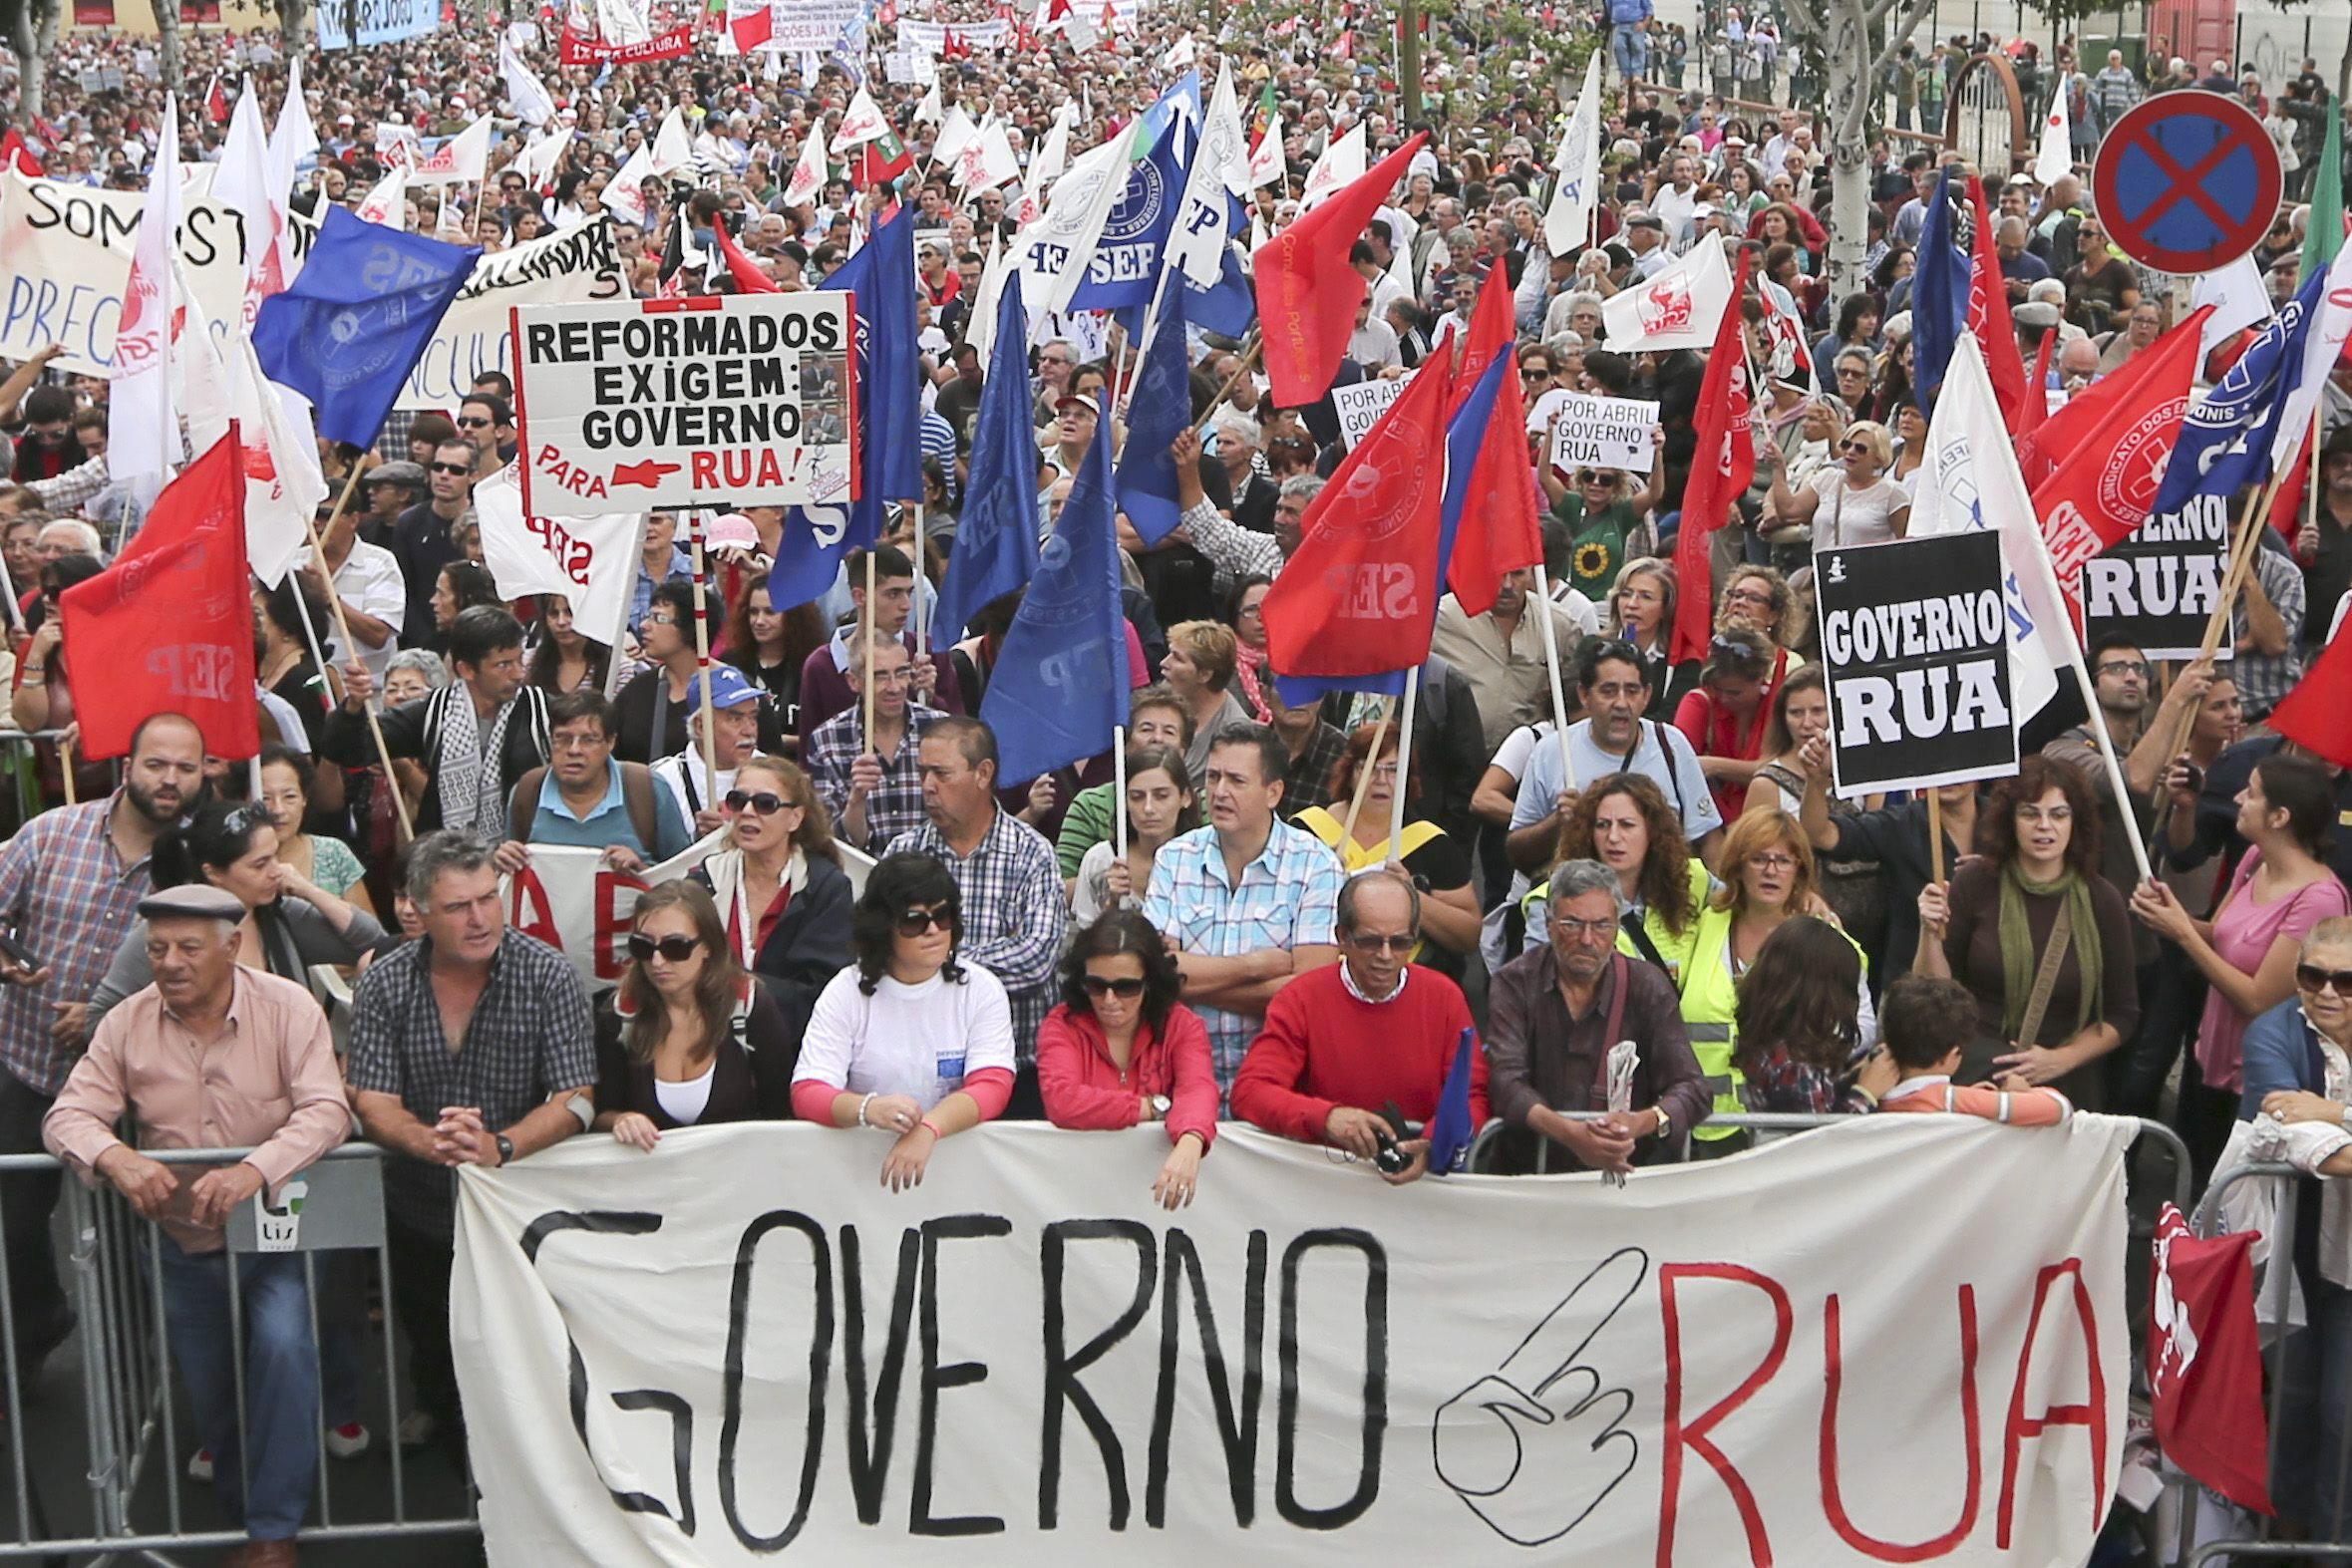 Decenas de miles de portugueses reflejan en la calle su repudio a más ajustes